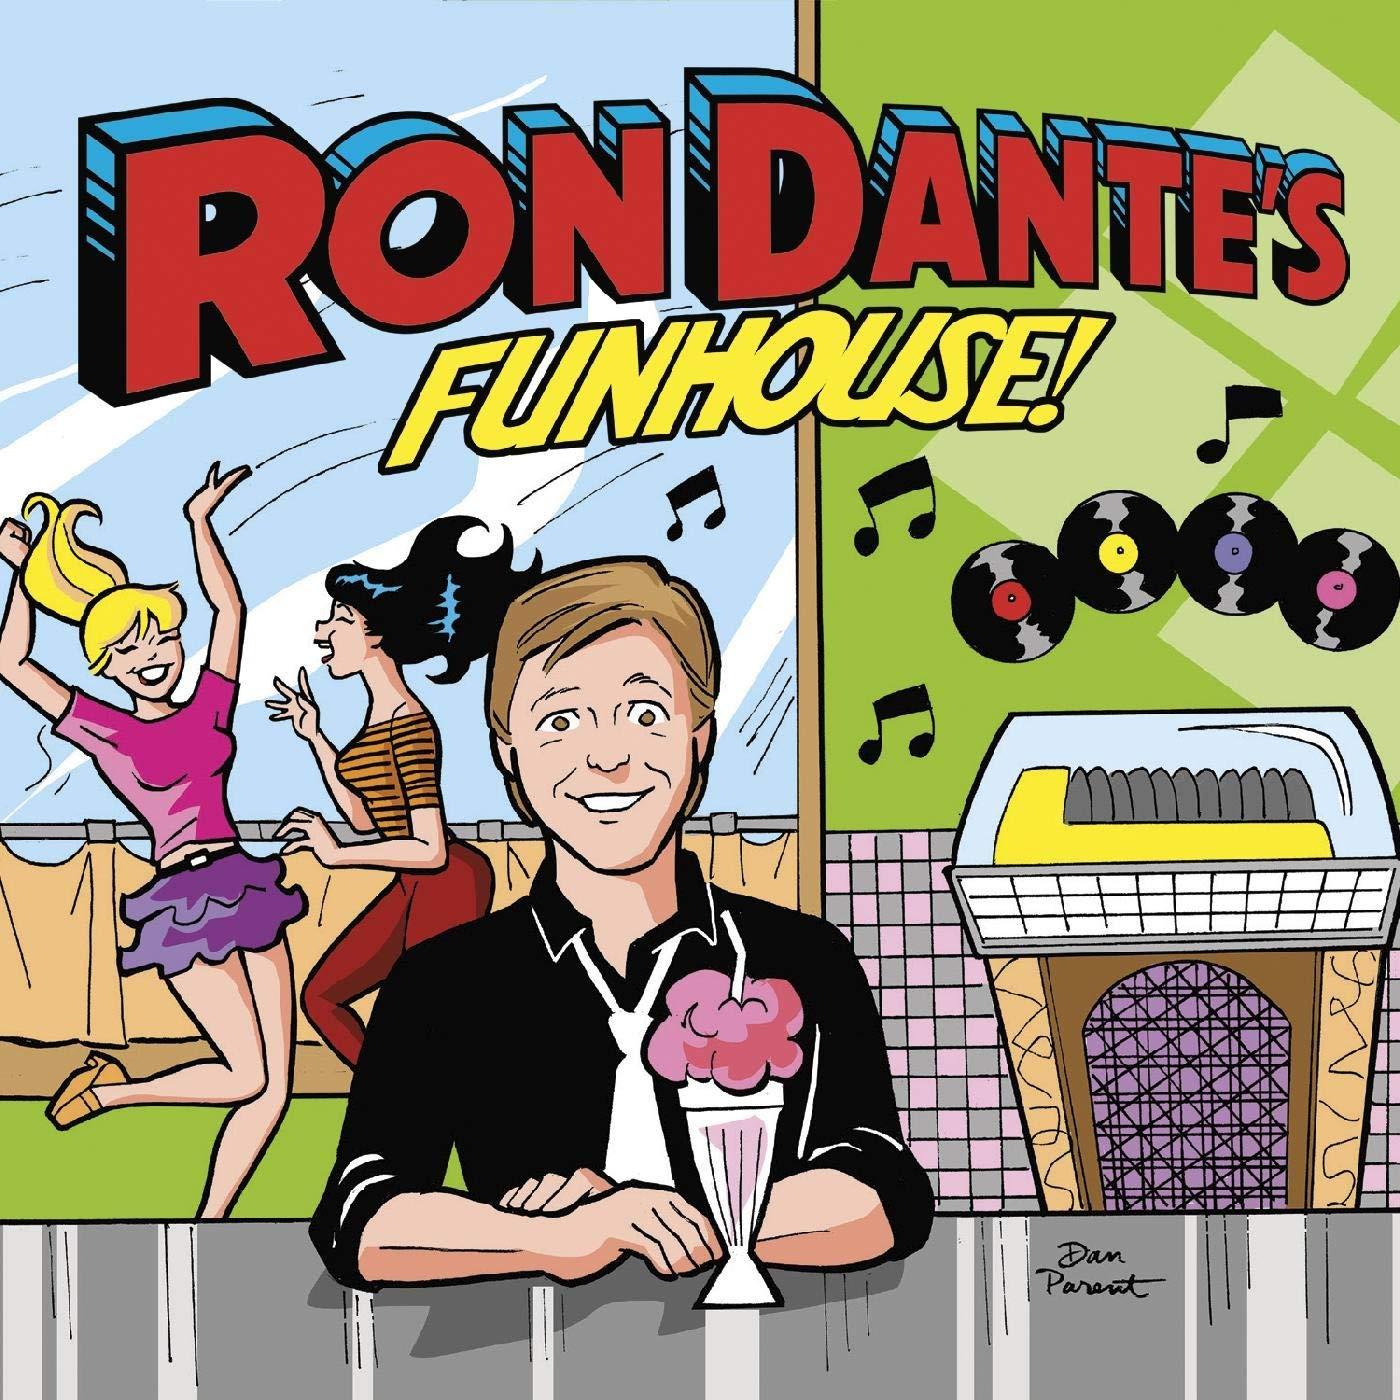 Ron DanteS Funhouse: Dante,Ron: Amazon.es: Música